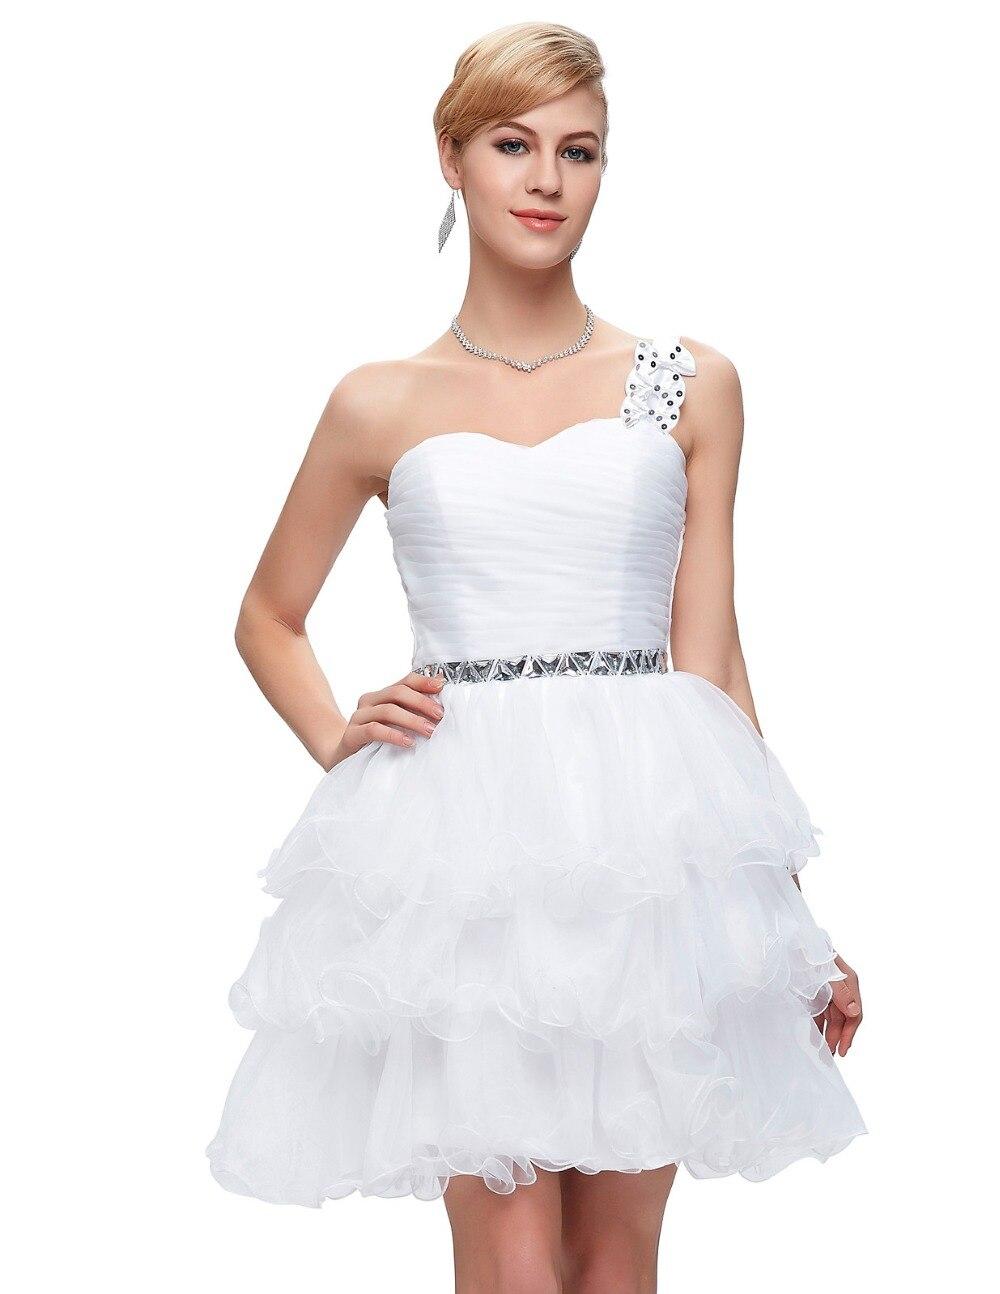 Großartig Kurz Poofy Prom Kleid Bilder - Brautkleider Ideen ...